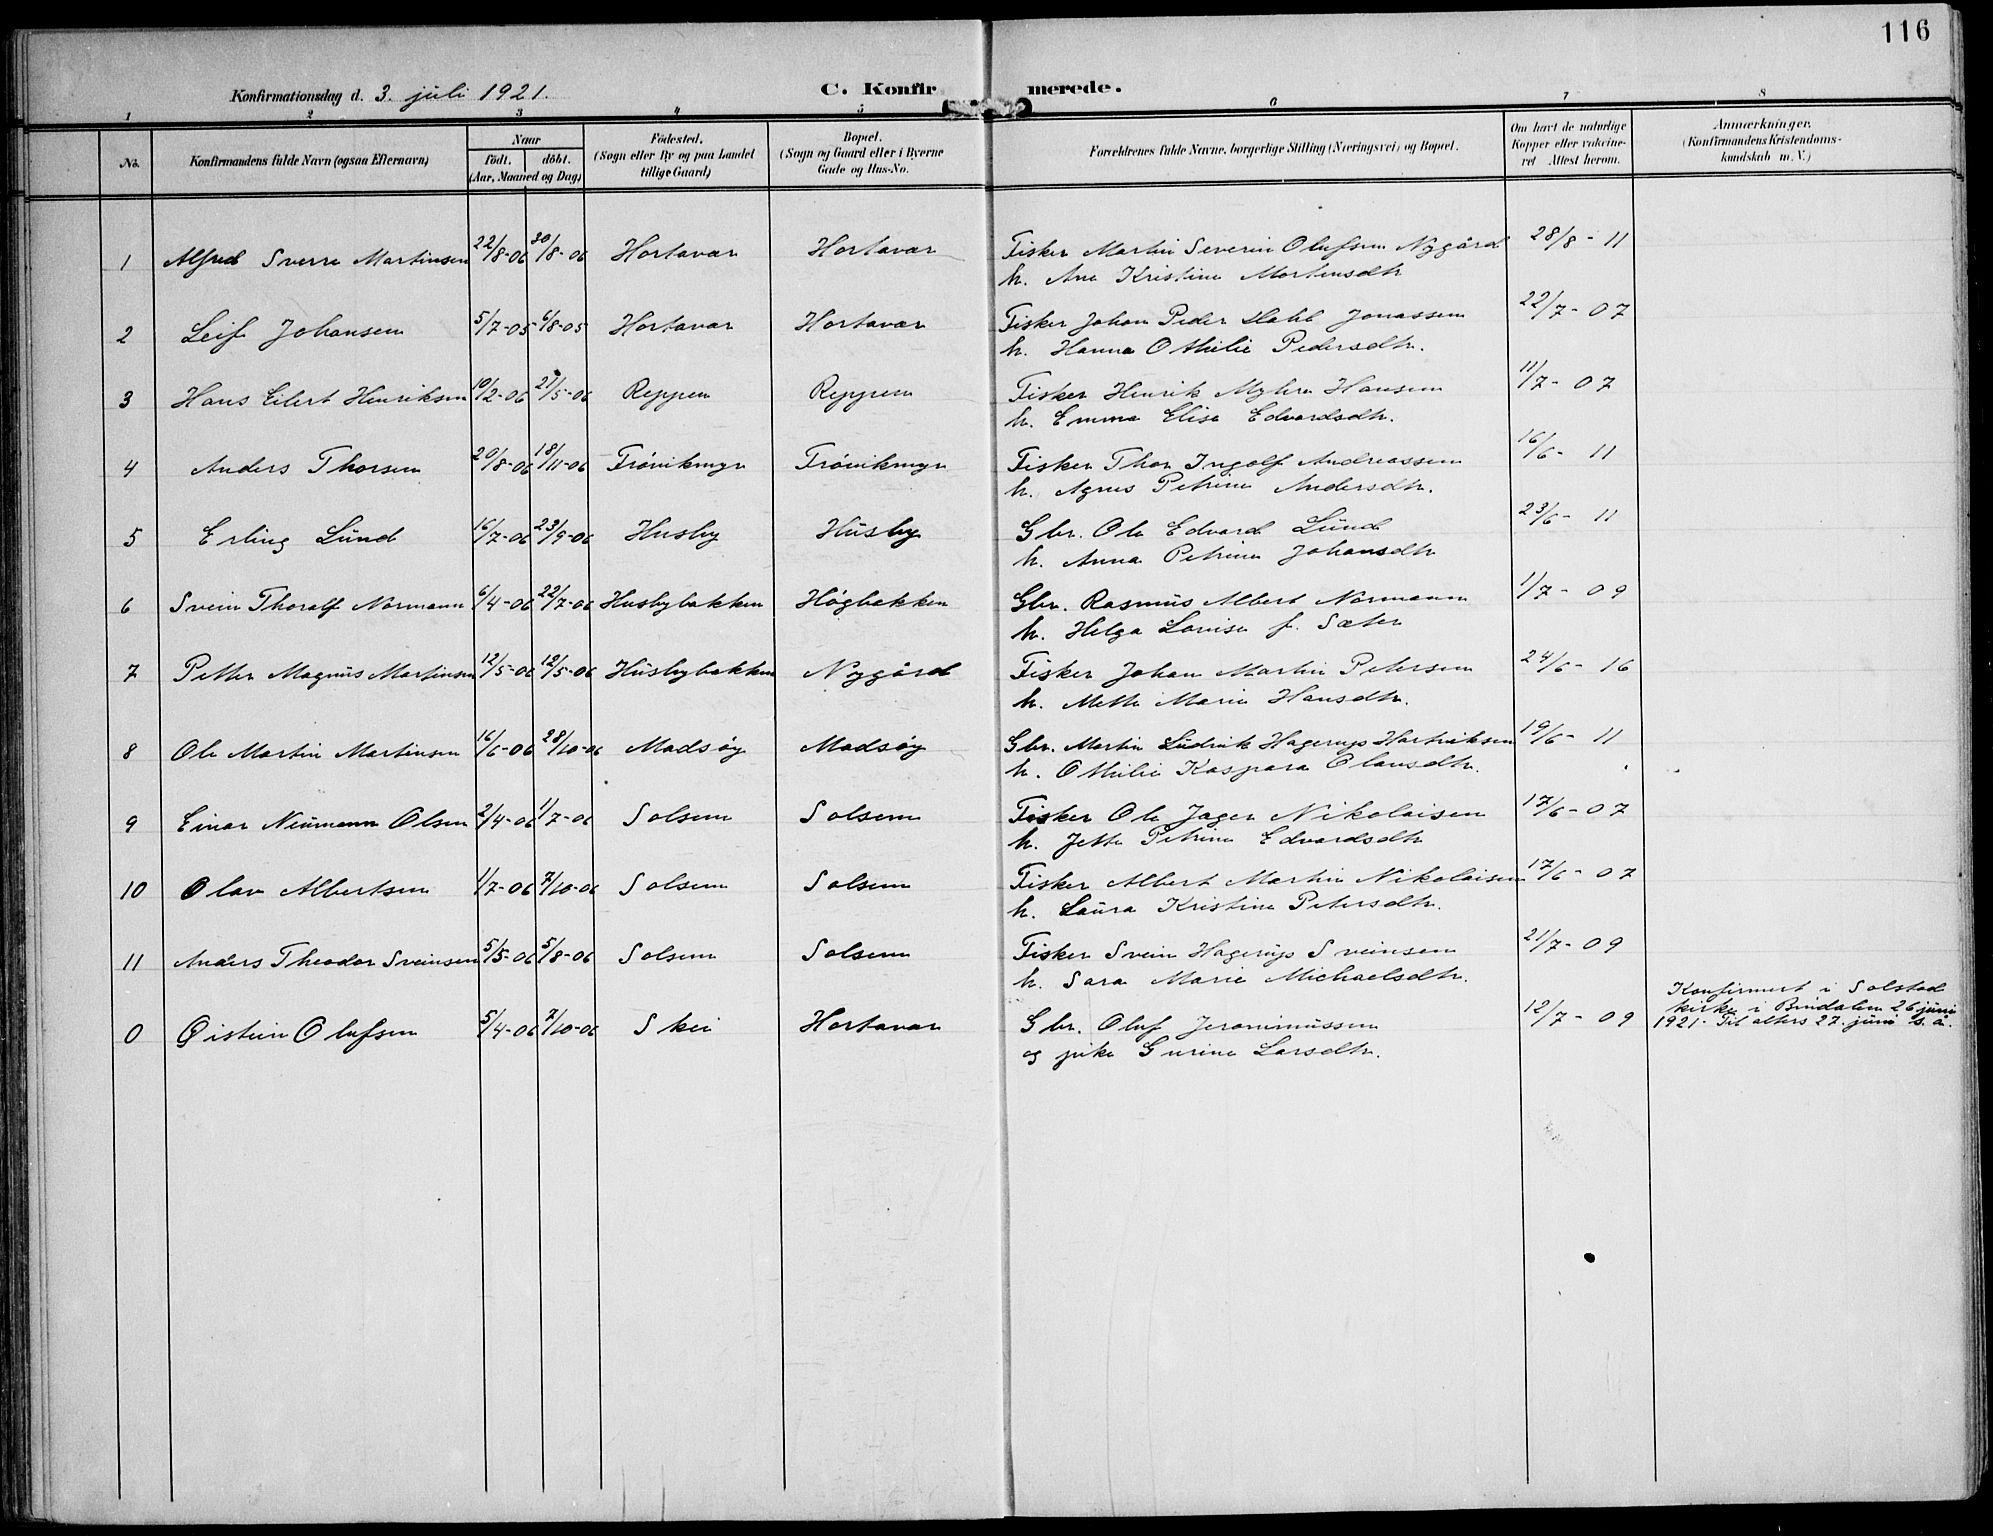 SAT, Ministerialprotokoller, klokkerbøker og fødselsregistre - Nord-Trøndelag, 788/L0698: Ministerialbok nr. 788A05, 1902-1921, s. 116